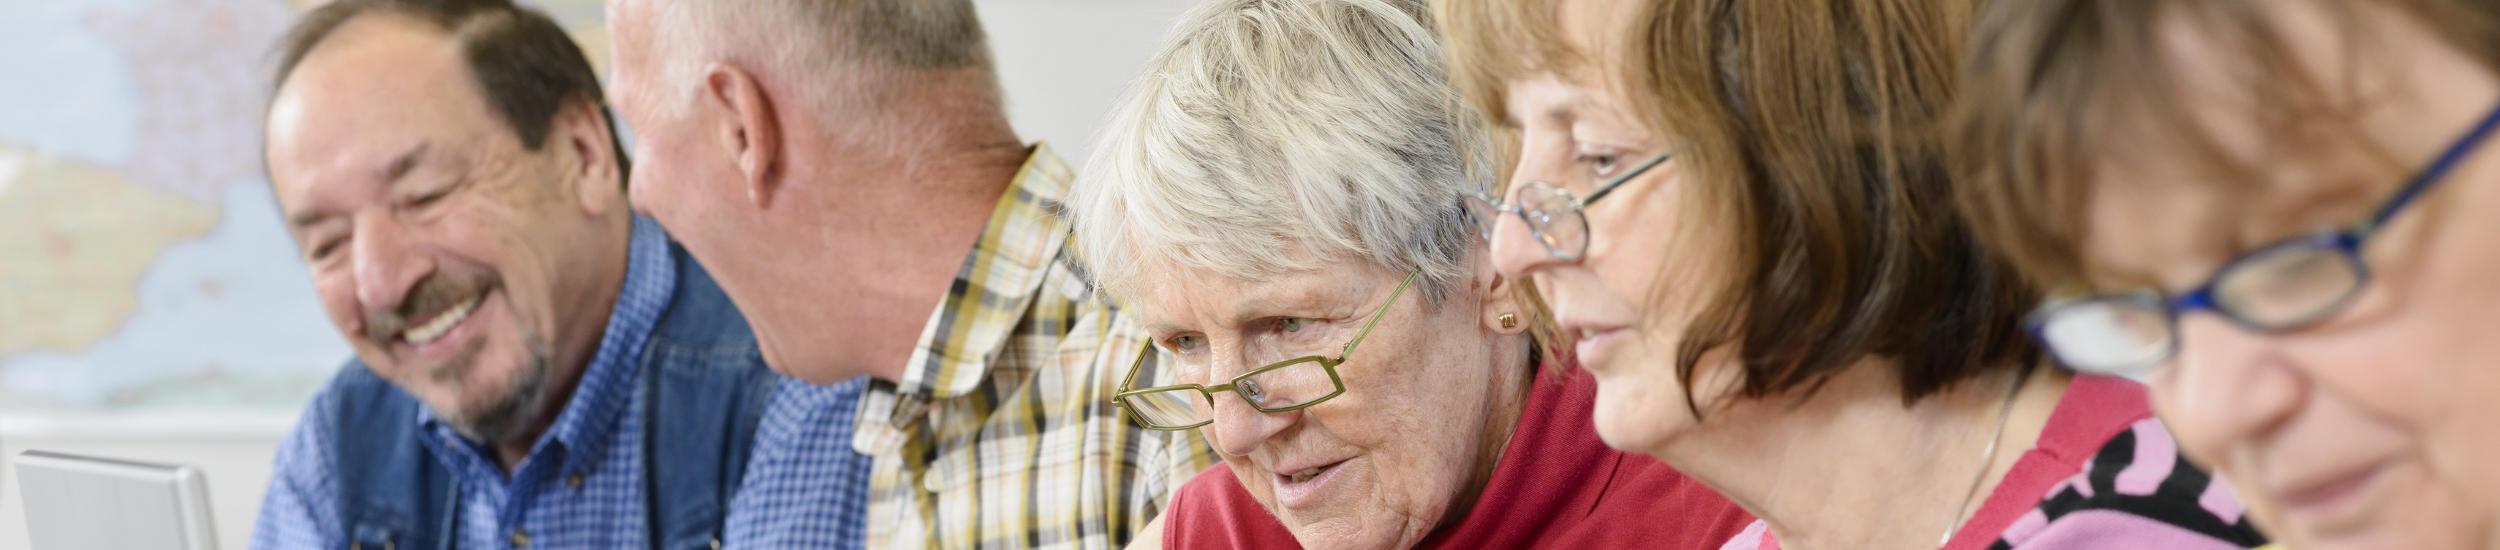 Cassiopea Prévention Seniors propose des actions variées pour soutenir les personnes âgées et leurs proches dans leur vie quotidienne et favoriser leur bien vieillir.